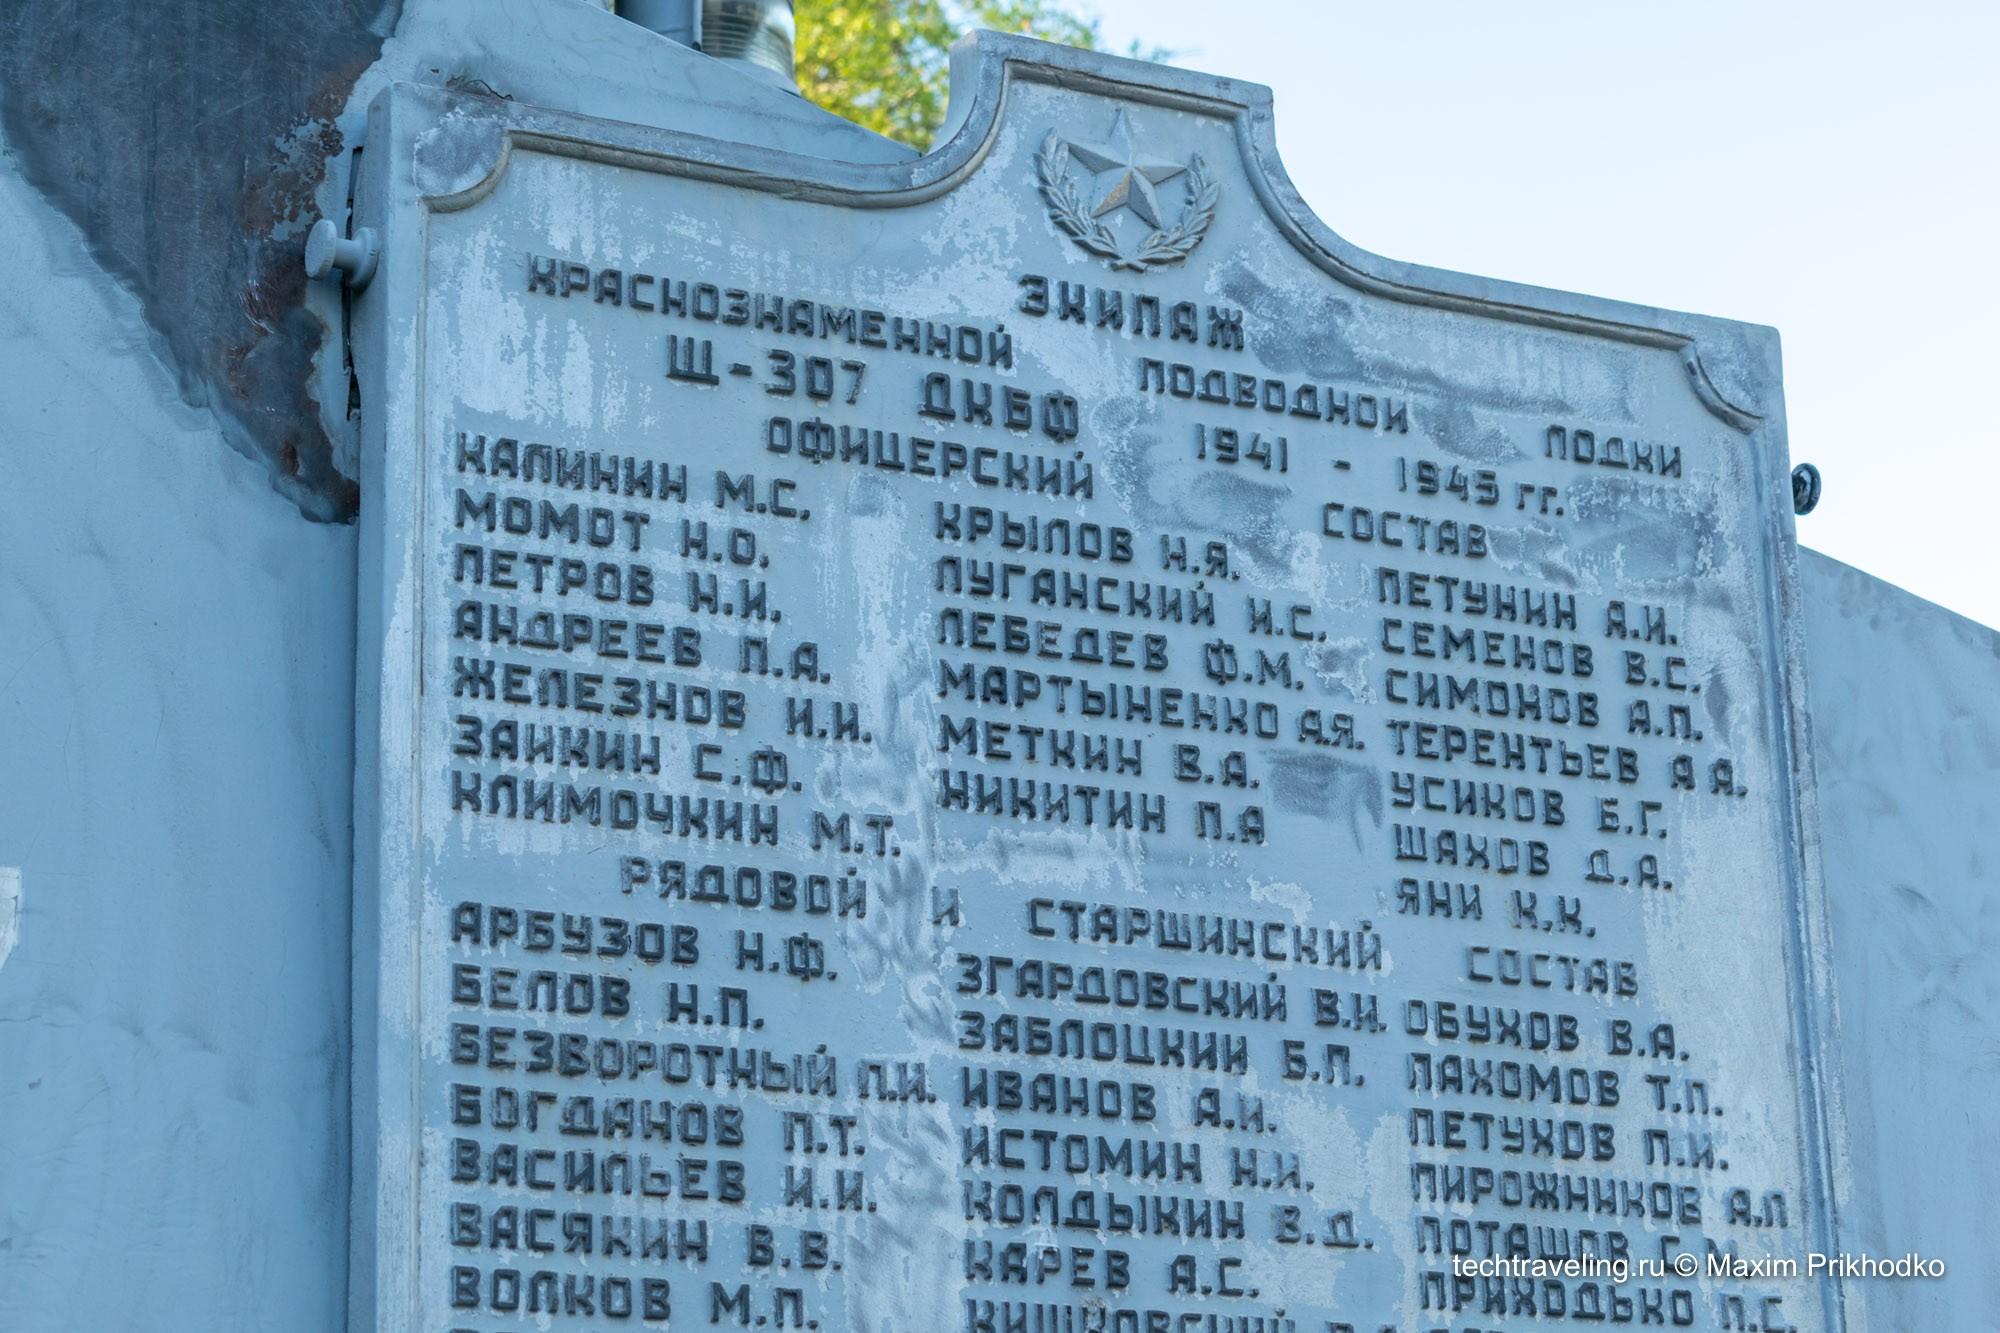 Щ-307 Музей «Парк Победы» на Поклонной Горе, Москва